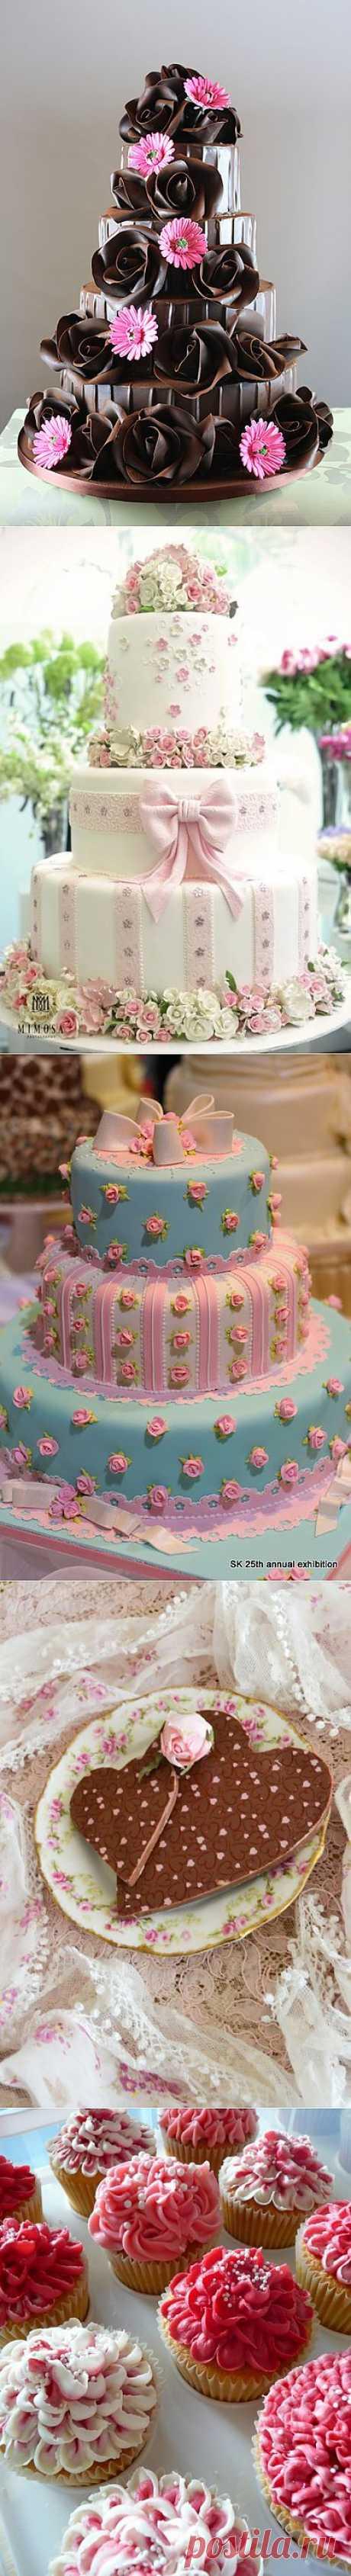 Вкусно и красиво. Украшение тортов!.